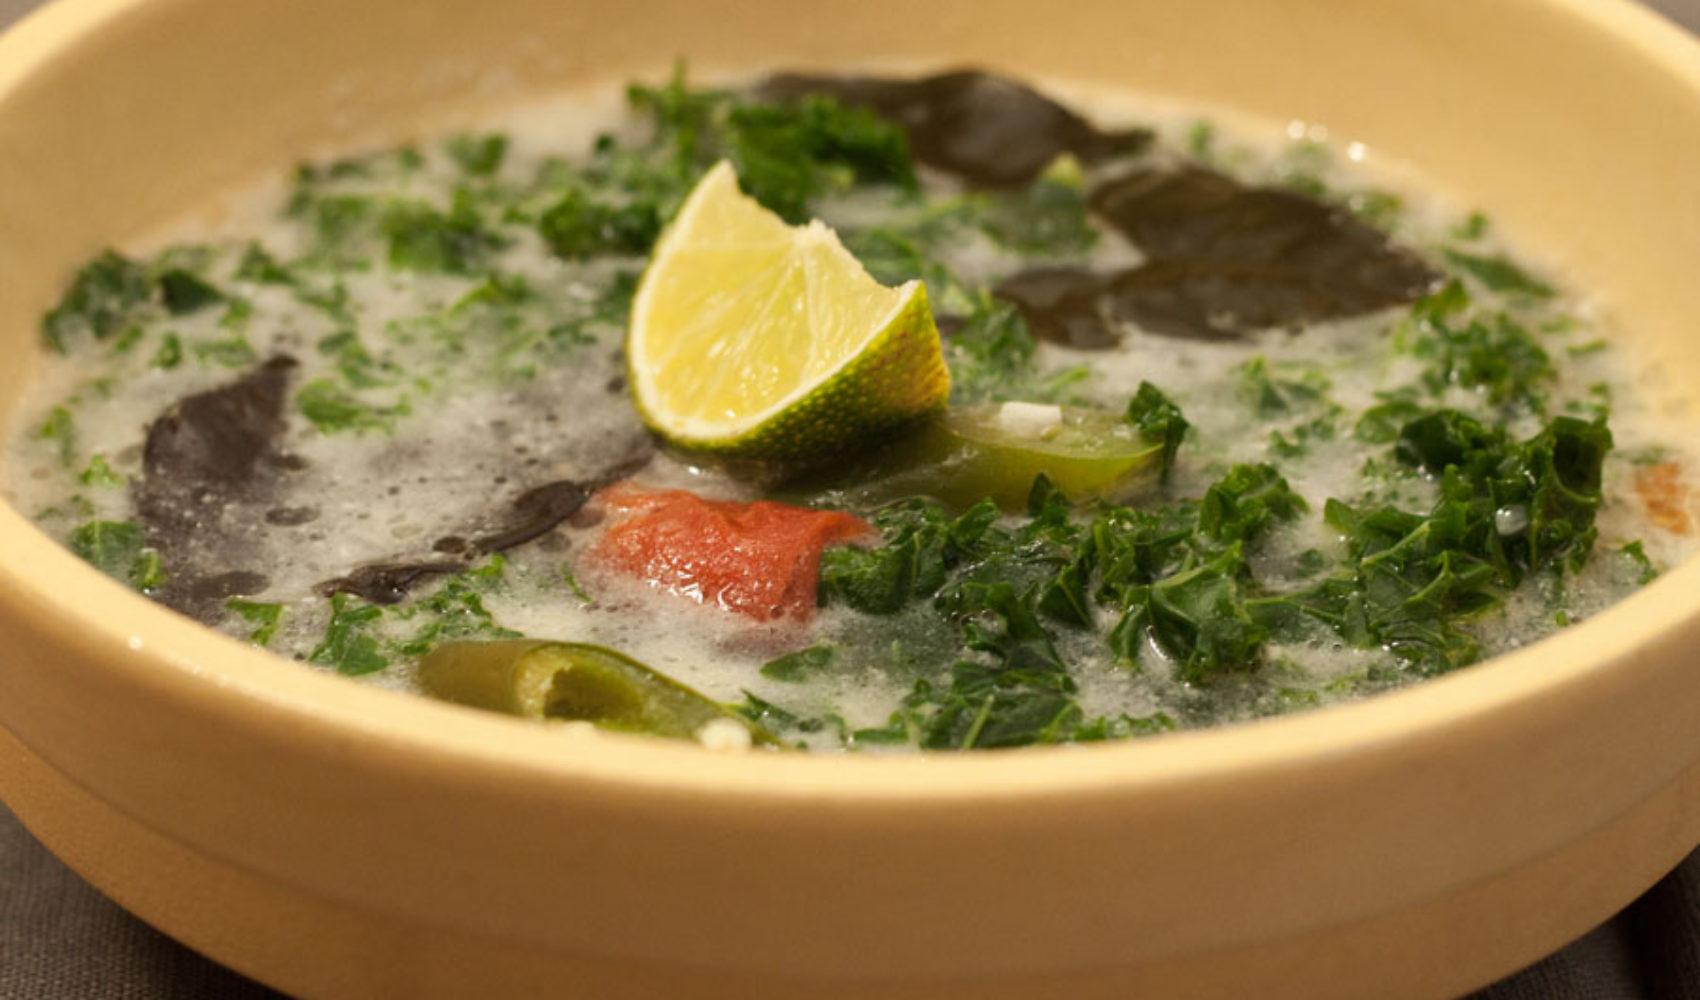 Grünkohl Kokosmilch Suppe - Das geht sehr wohl zusammen